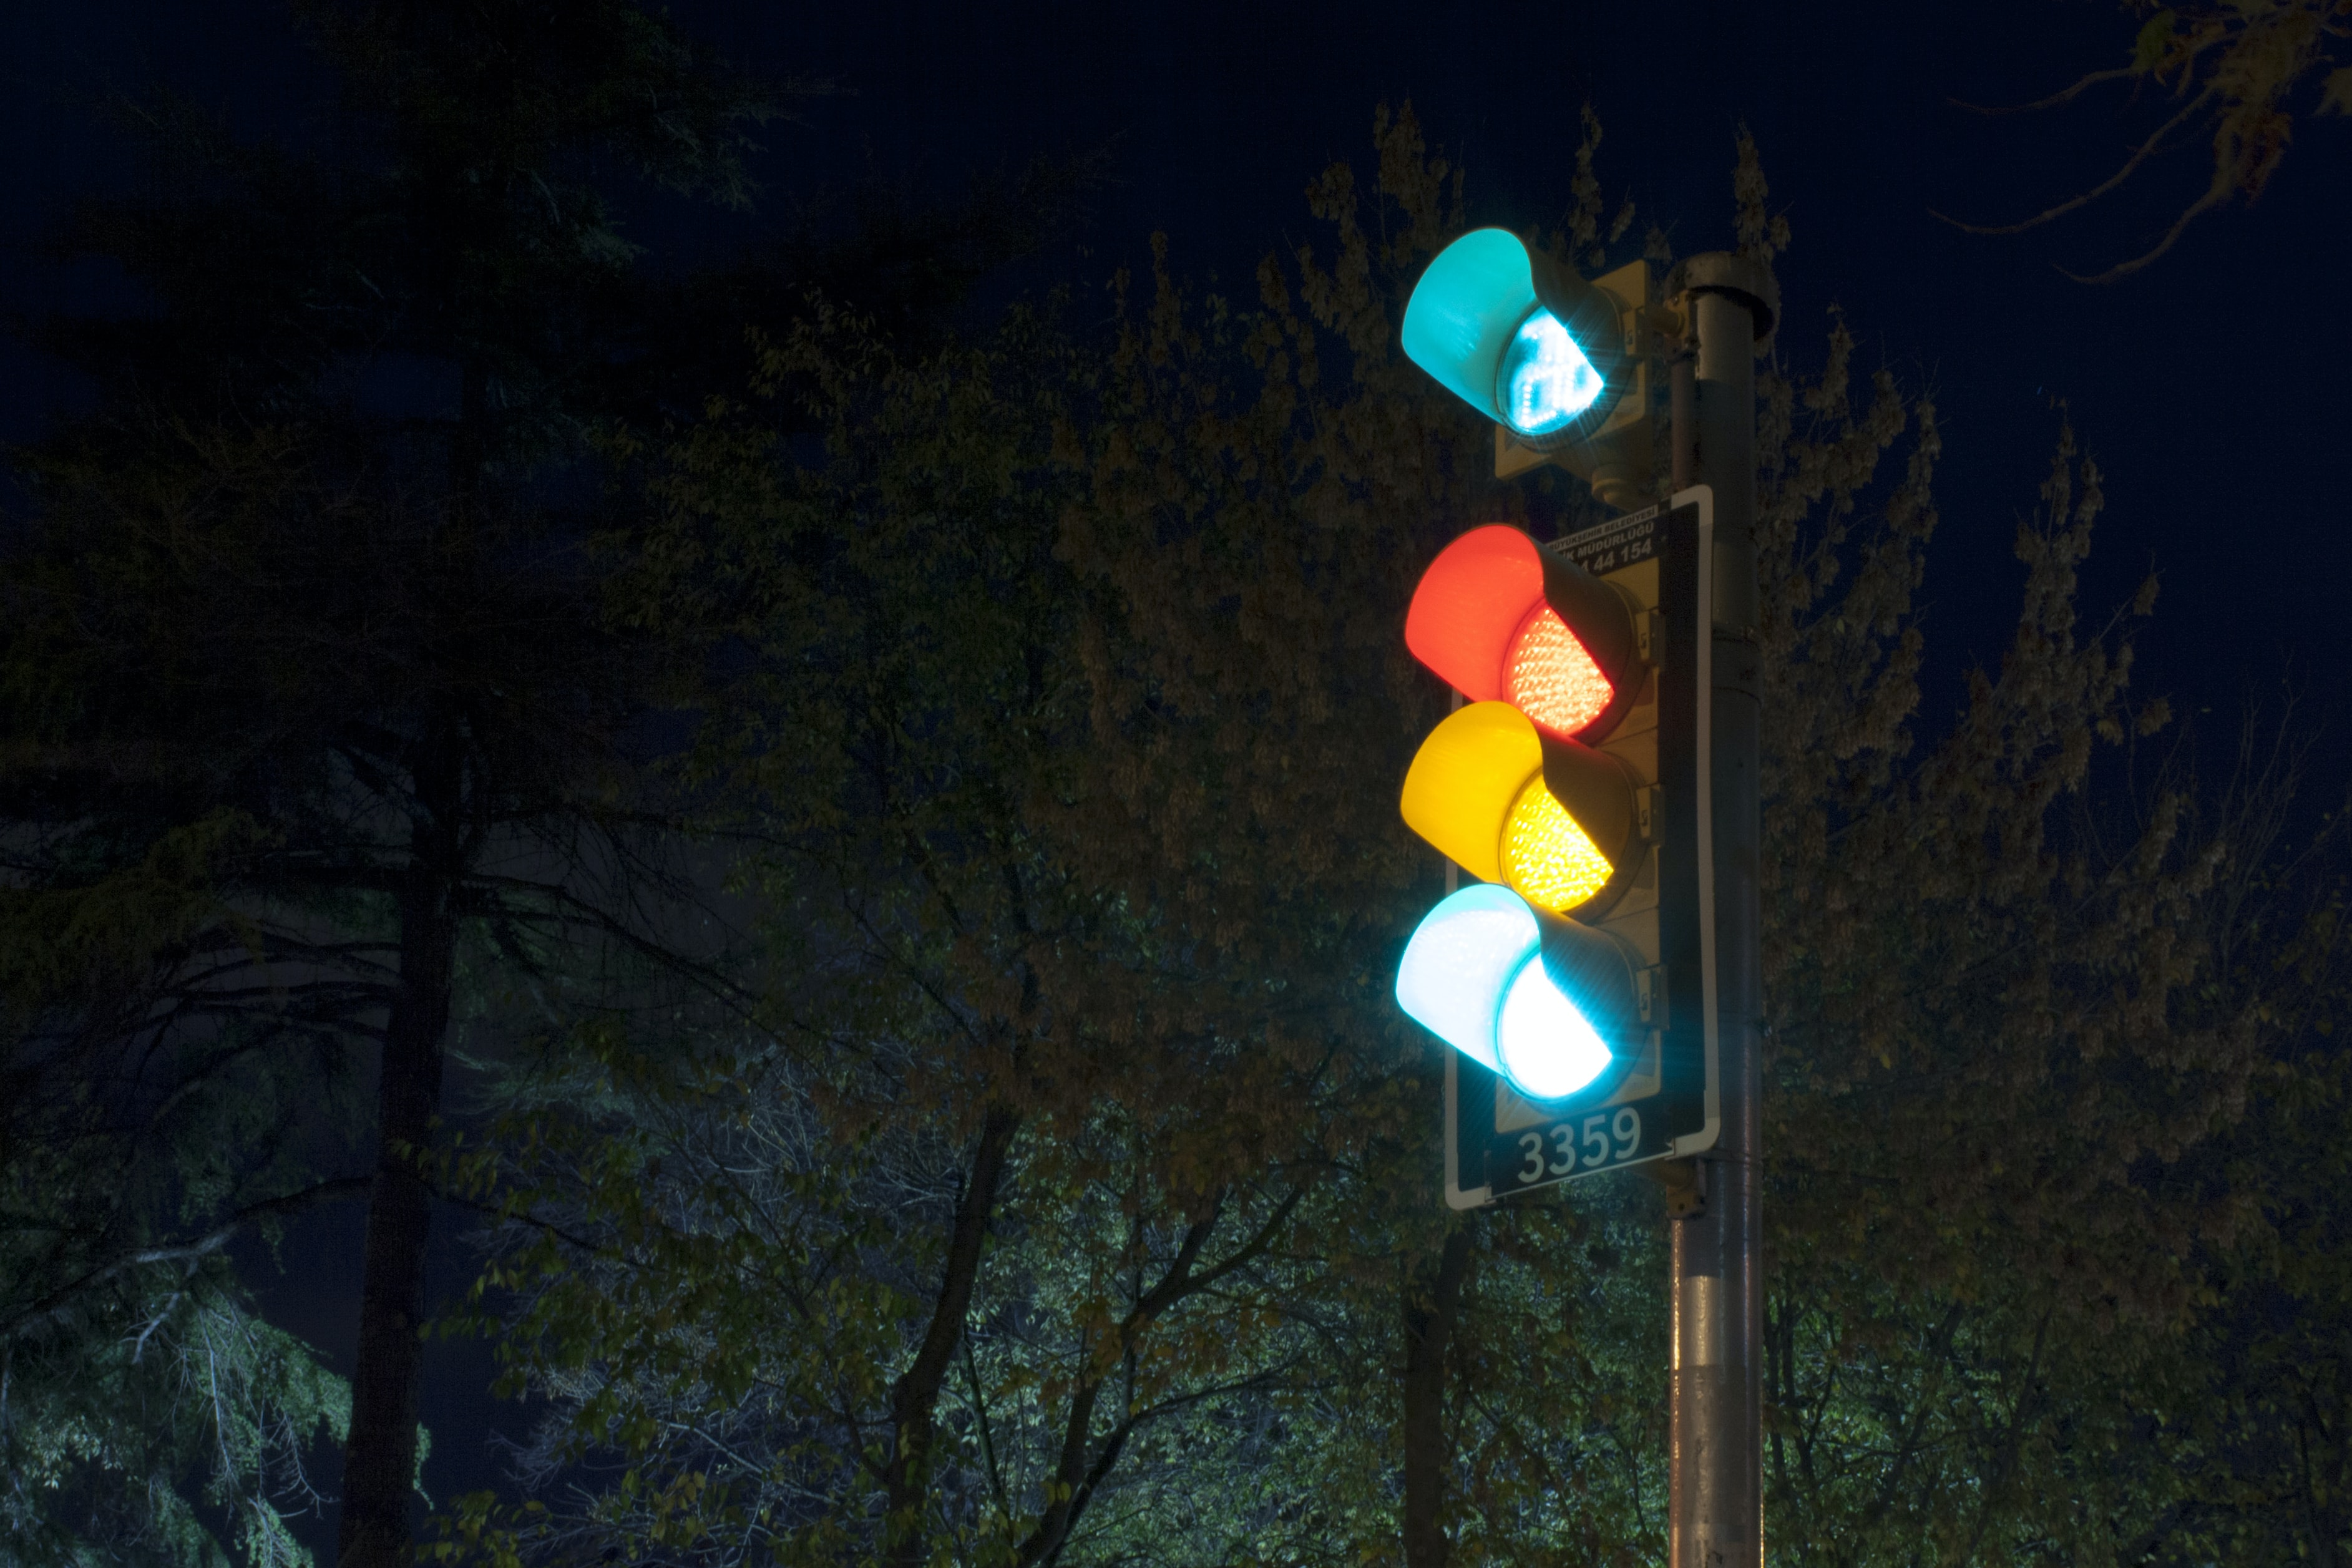 turned-on traffic light